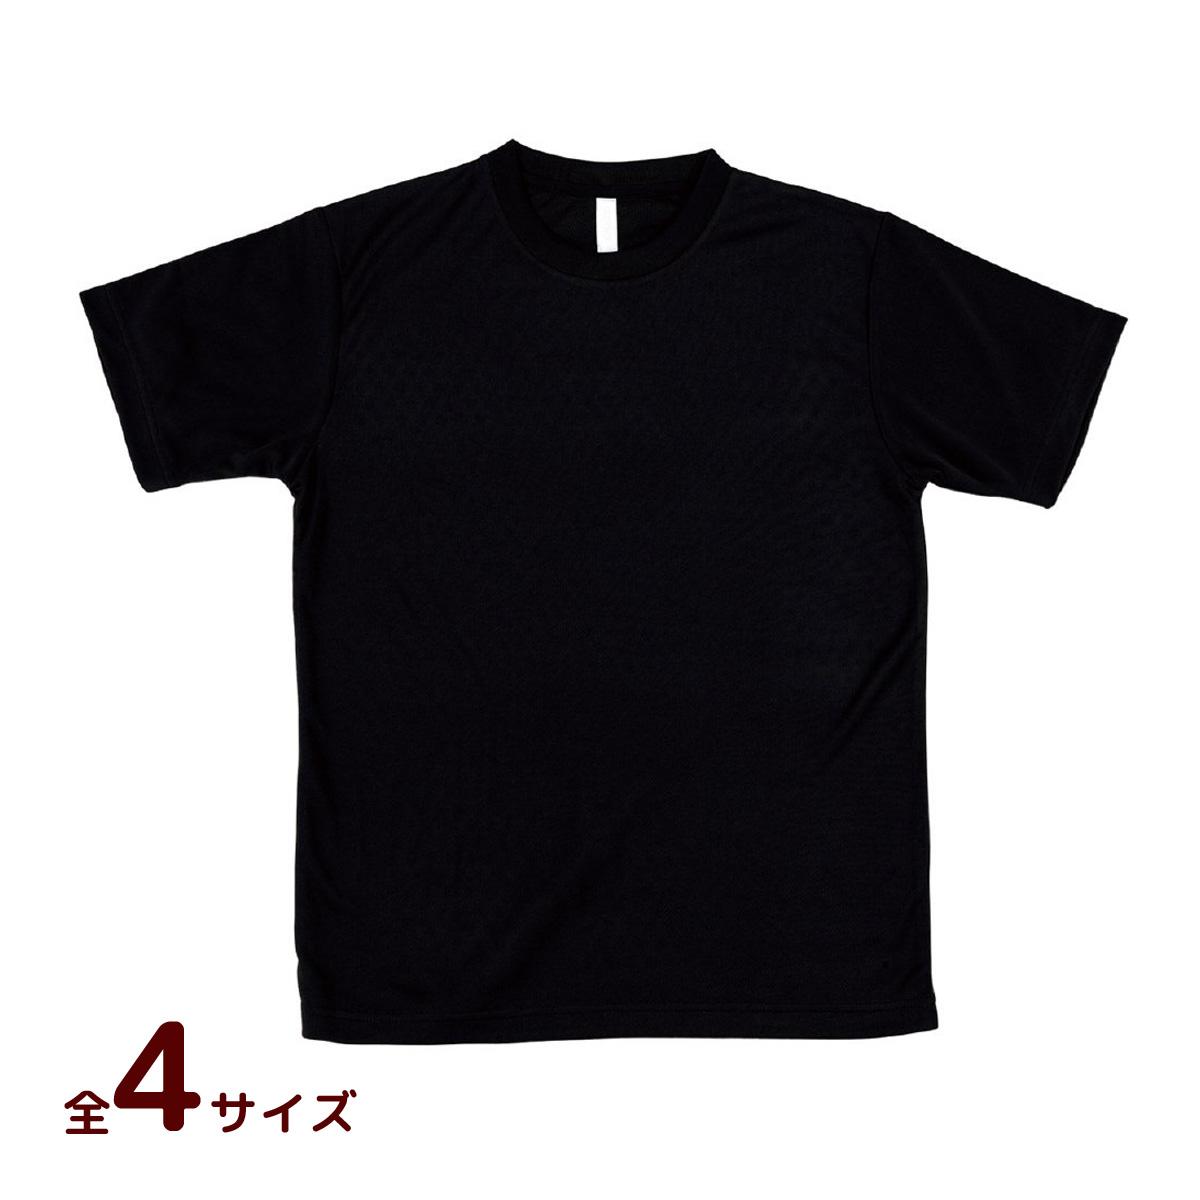 AT ドライTシャツ ブラック 150gポリ100% キッズ 小学生 中学生 Tシャツ 男の子 着替え イベント 衣装 クリスマスプレゼント